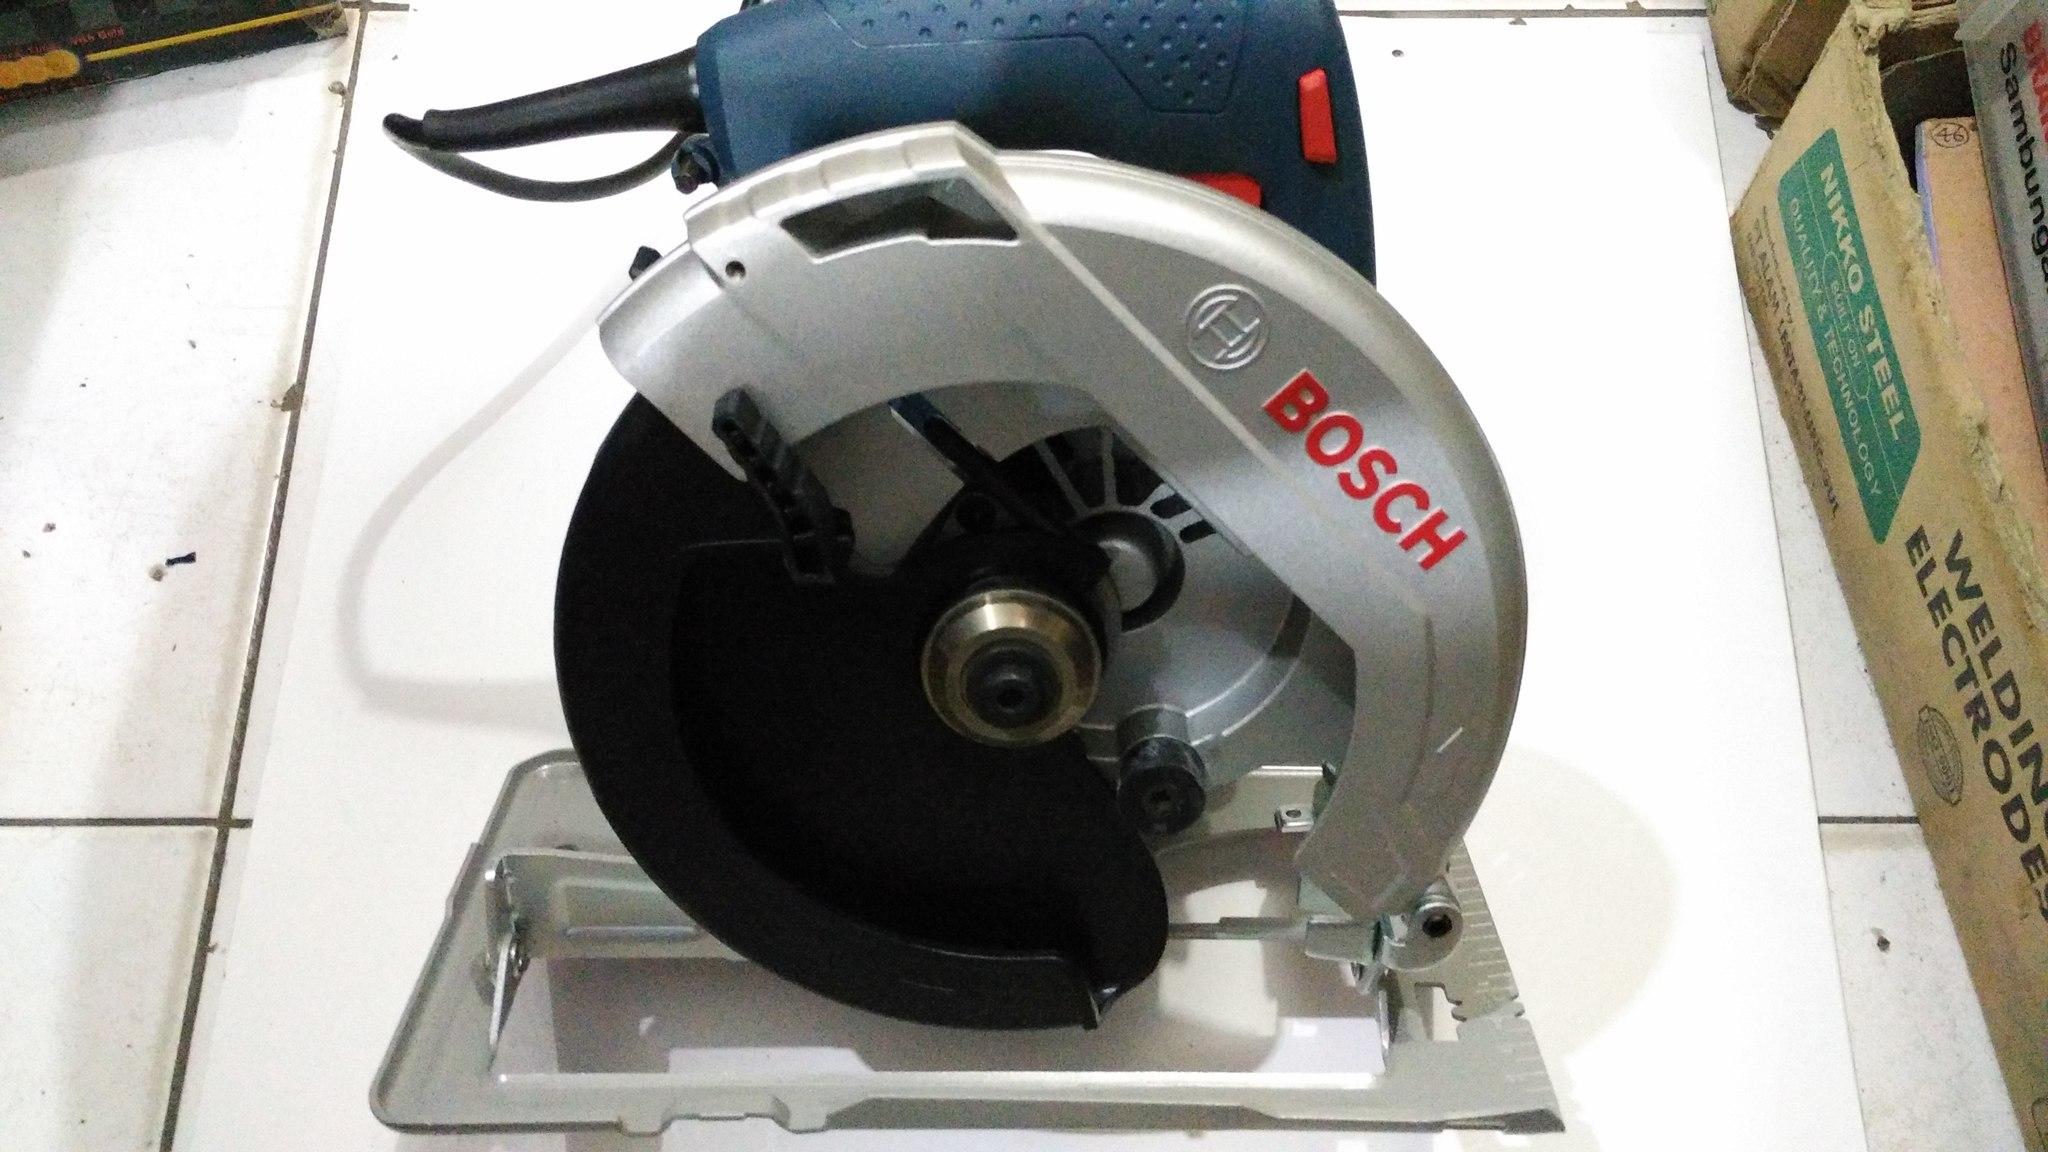 Harga Dan Spesifikasi Mesin Circular Saw Termurah 2018 Gergaji Kayu Makita 5402 Jual Potong Bosch Gks 7000 7 1 4 Inch Karya Indah